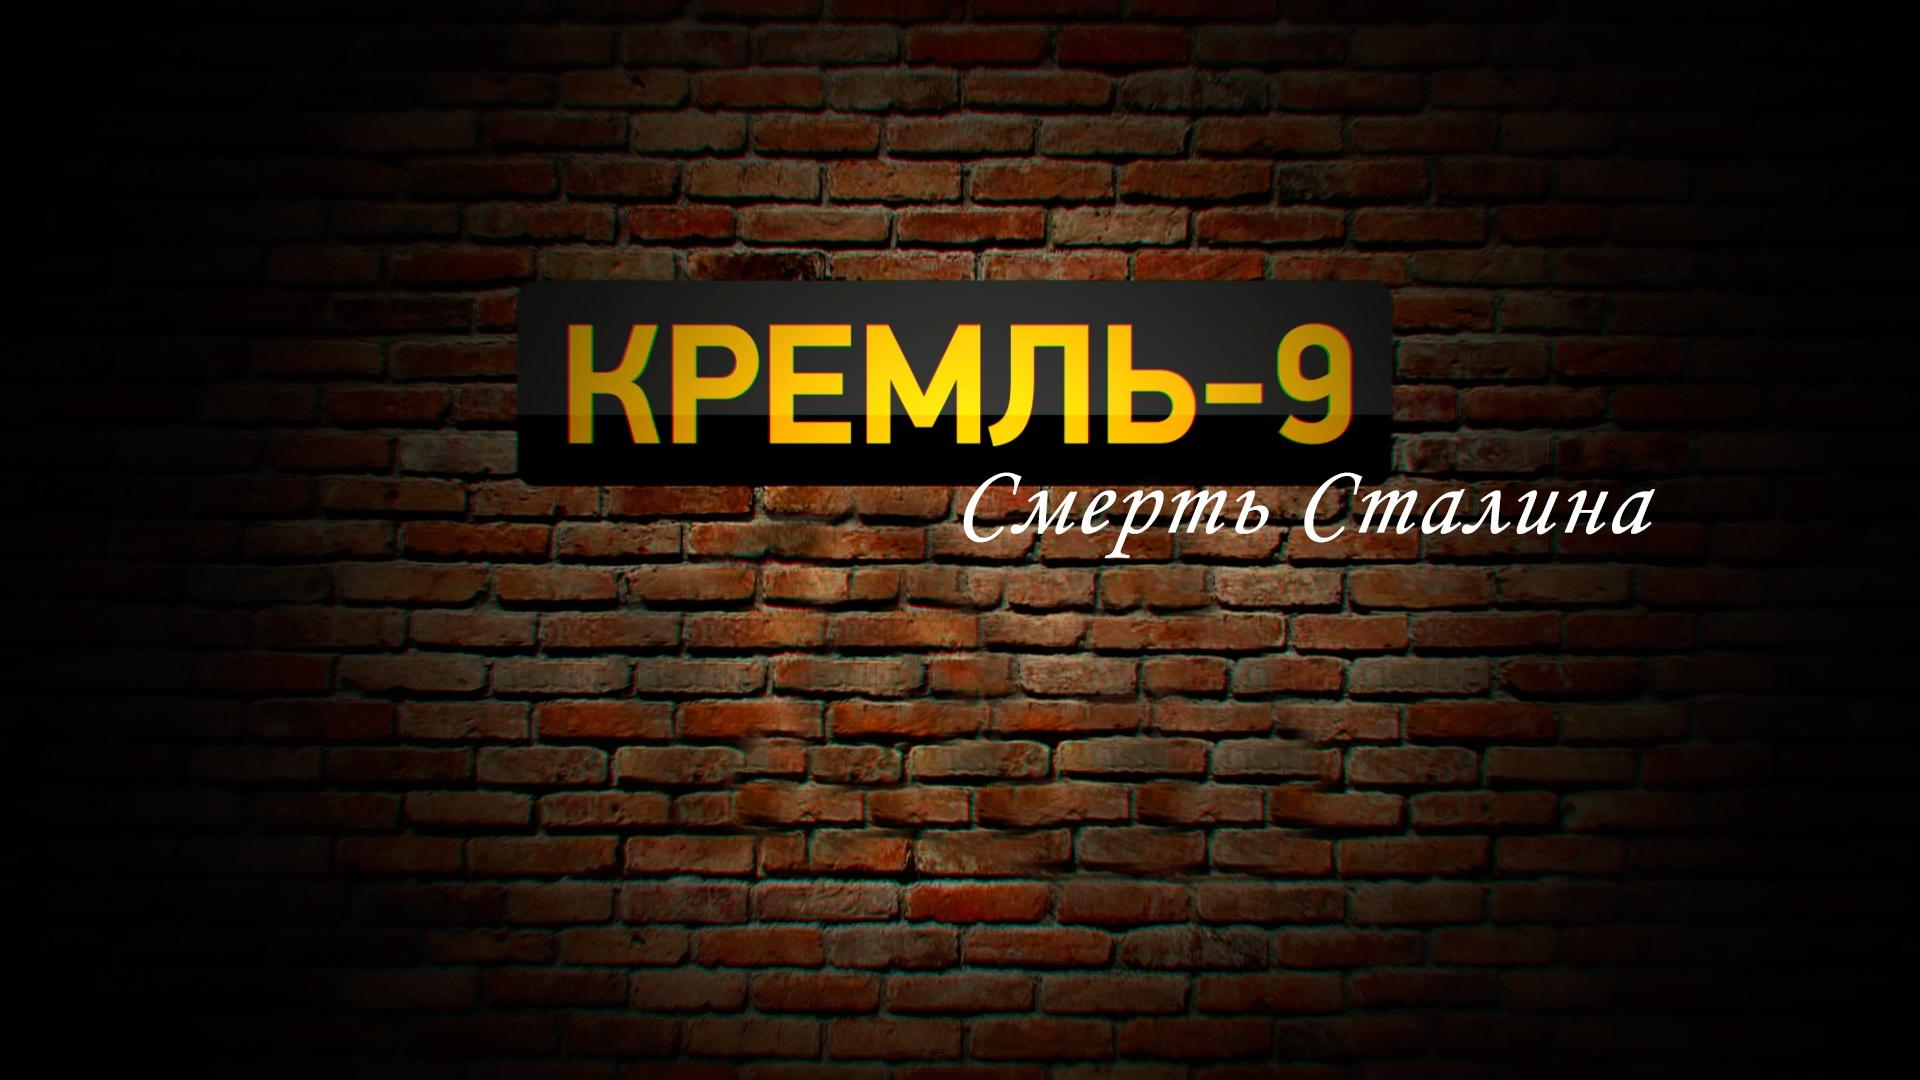 «Кремль - 9. Смерть Сталина. Свидетели»